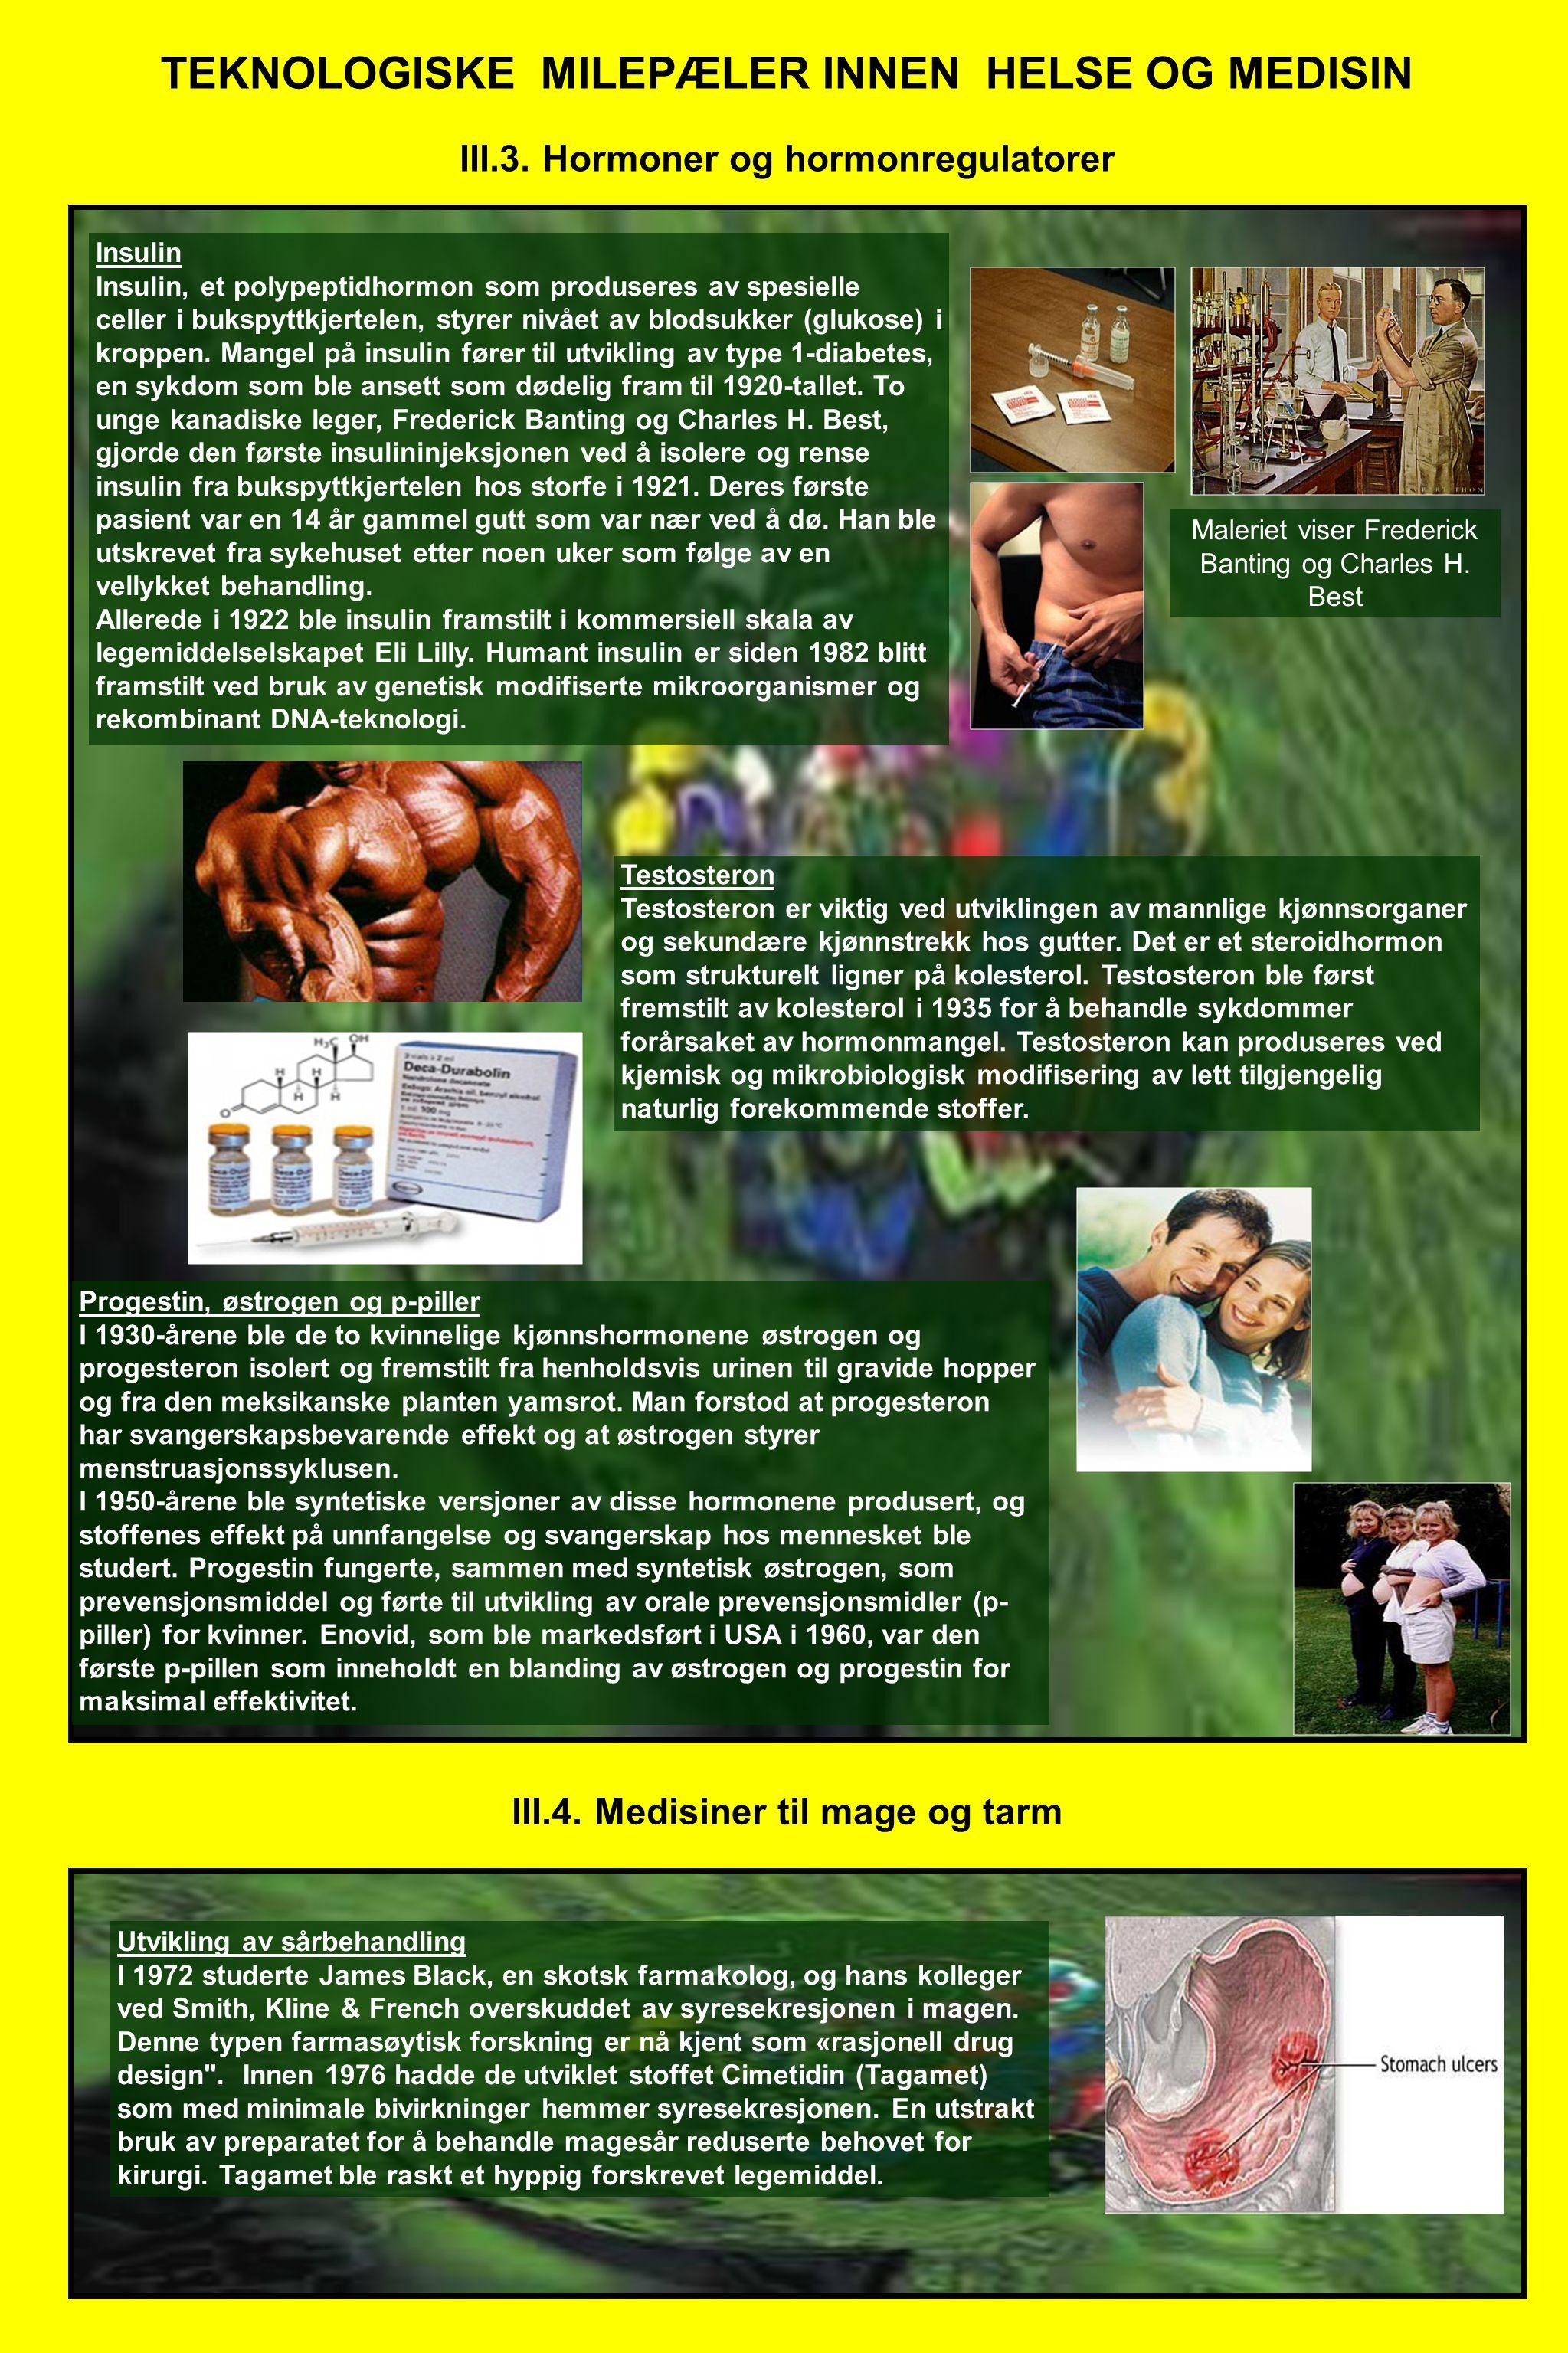 TEKNOLOGISKE MILEPÆLER INNEN HELSE OG MEDISIN III.3. Hormoner og hormonregulatorer Insulin Insulin, et polypeptidhormon som produseres av spesielle ce